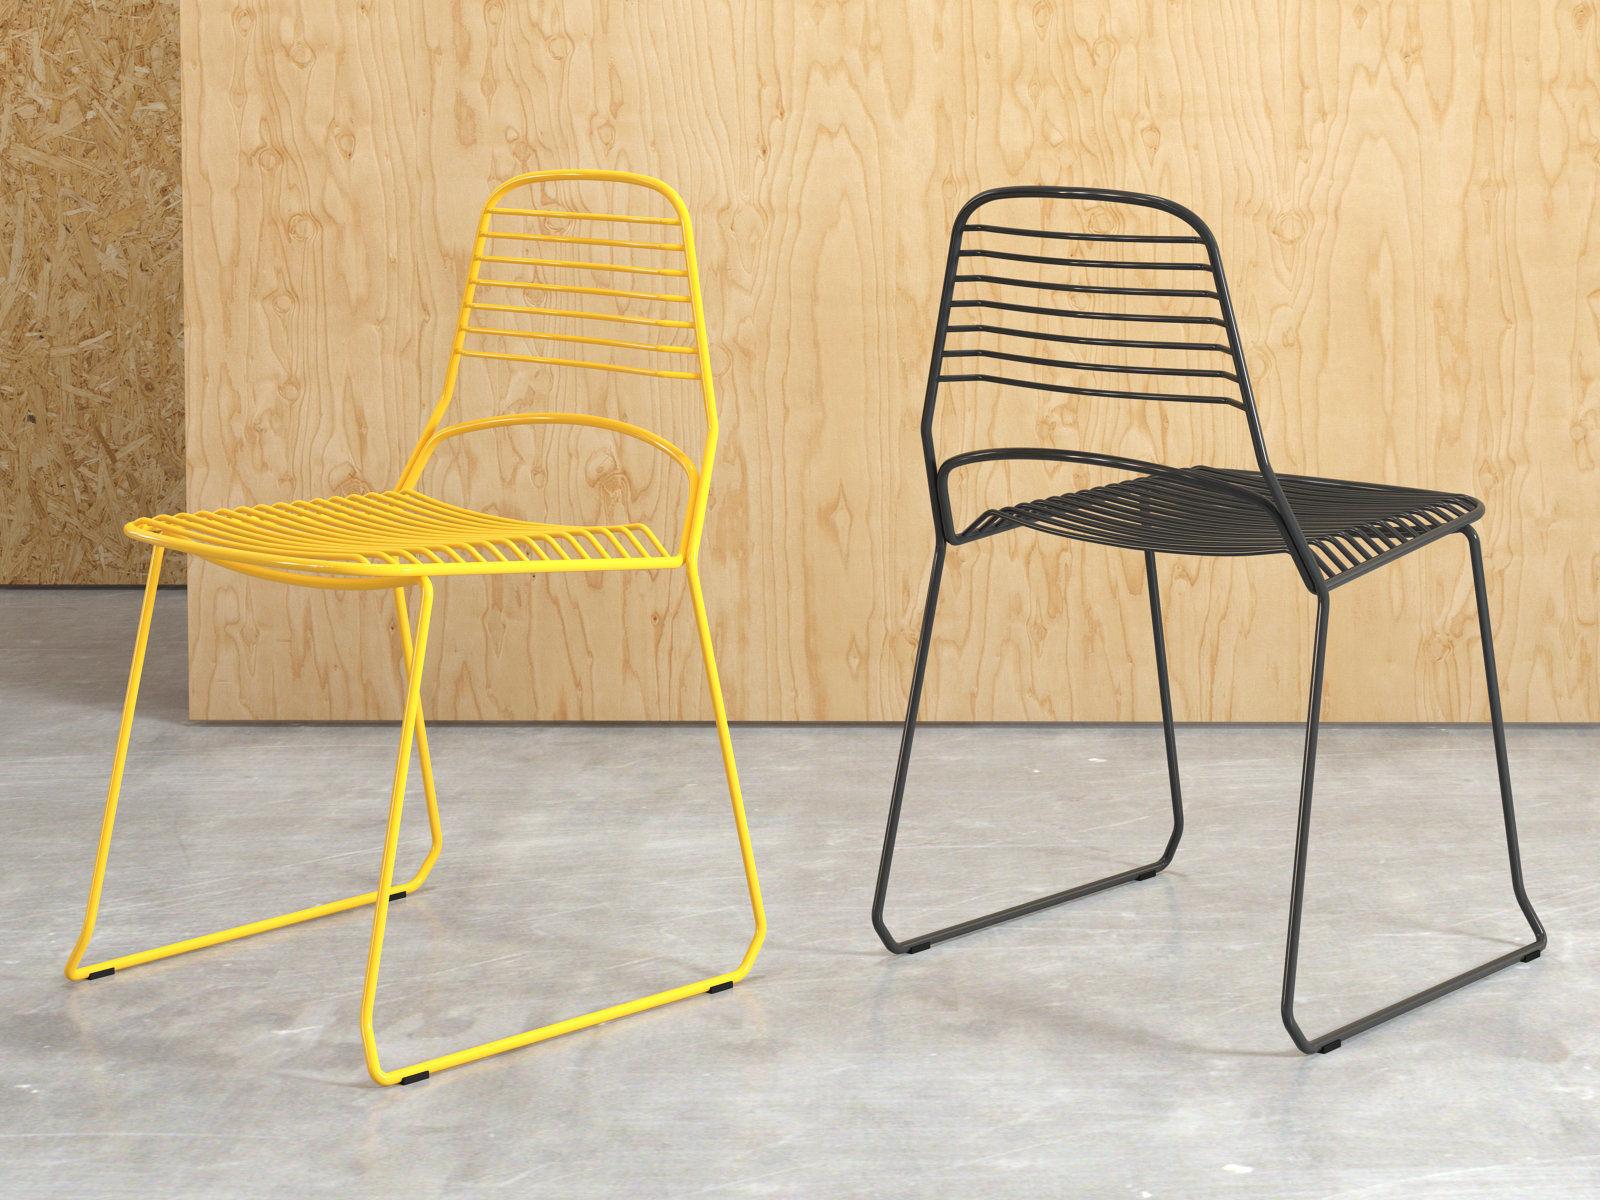 Jak Chair